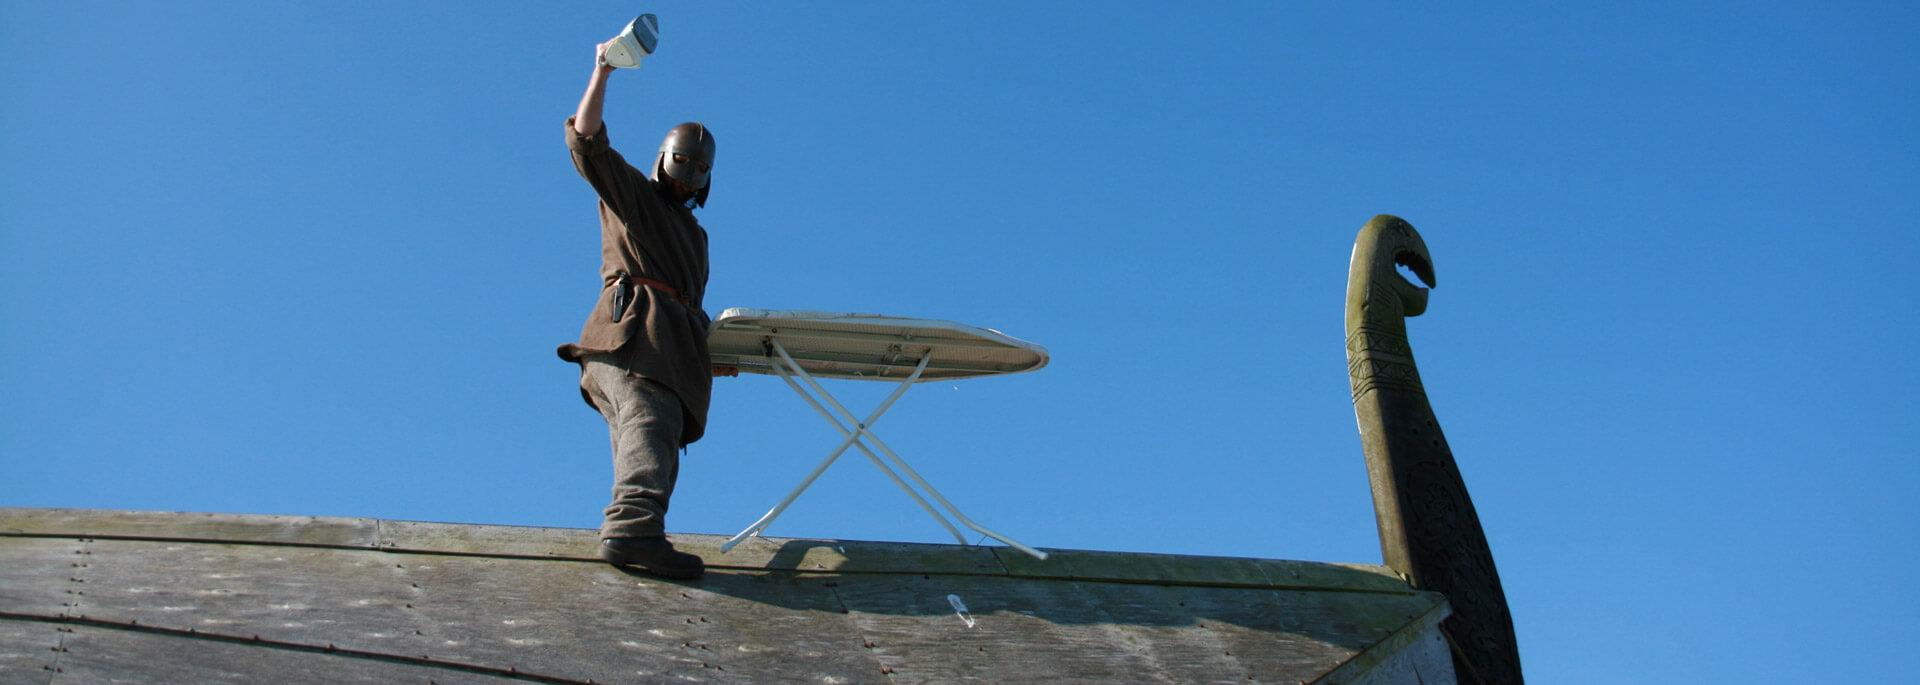 Wie ich in Schottland einen bügelnden Wikinger traf